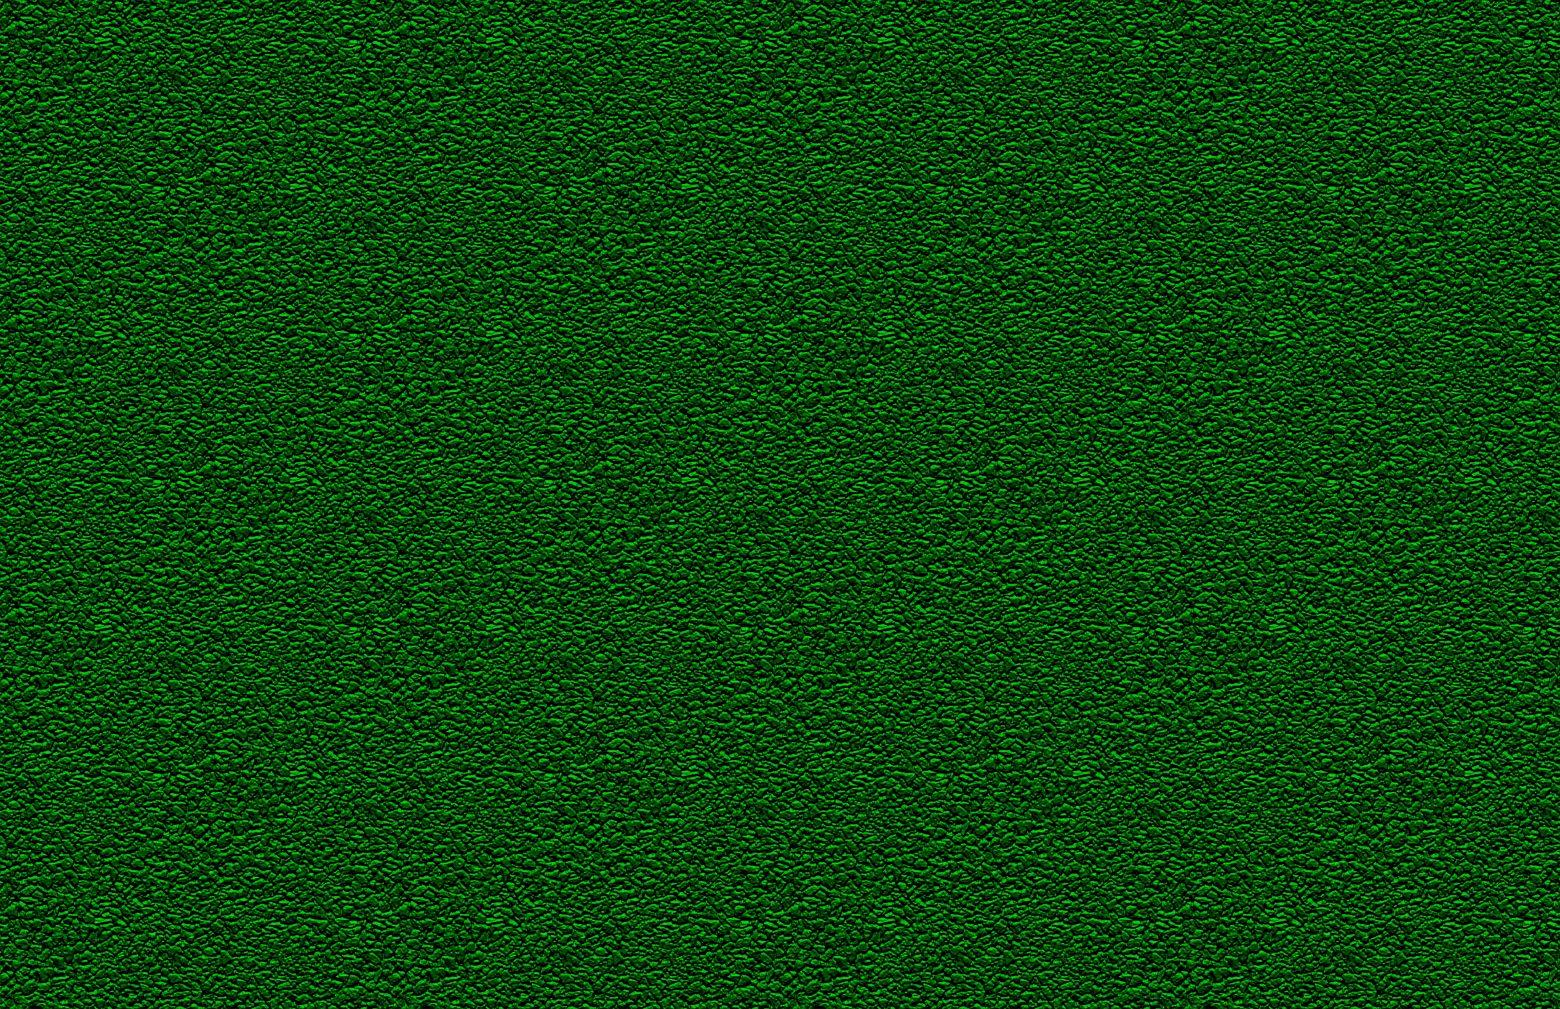 texture-2065459